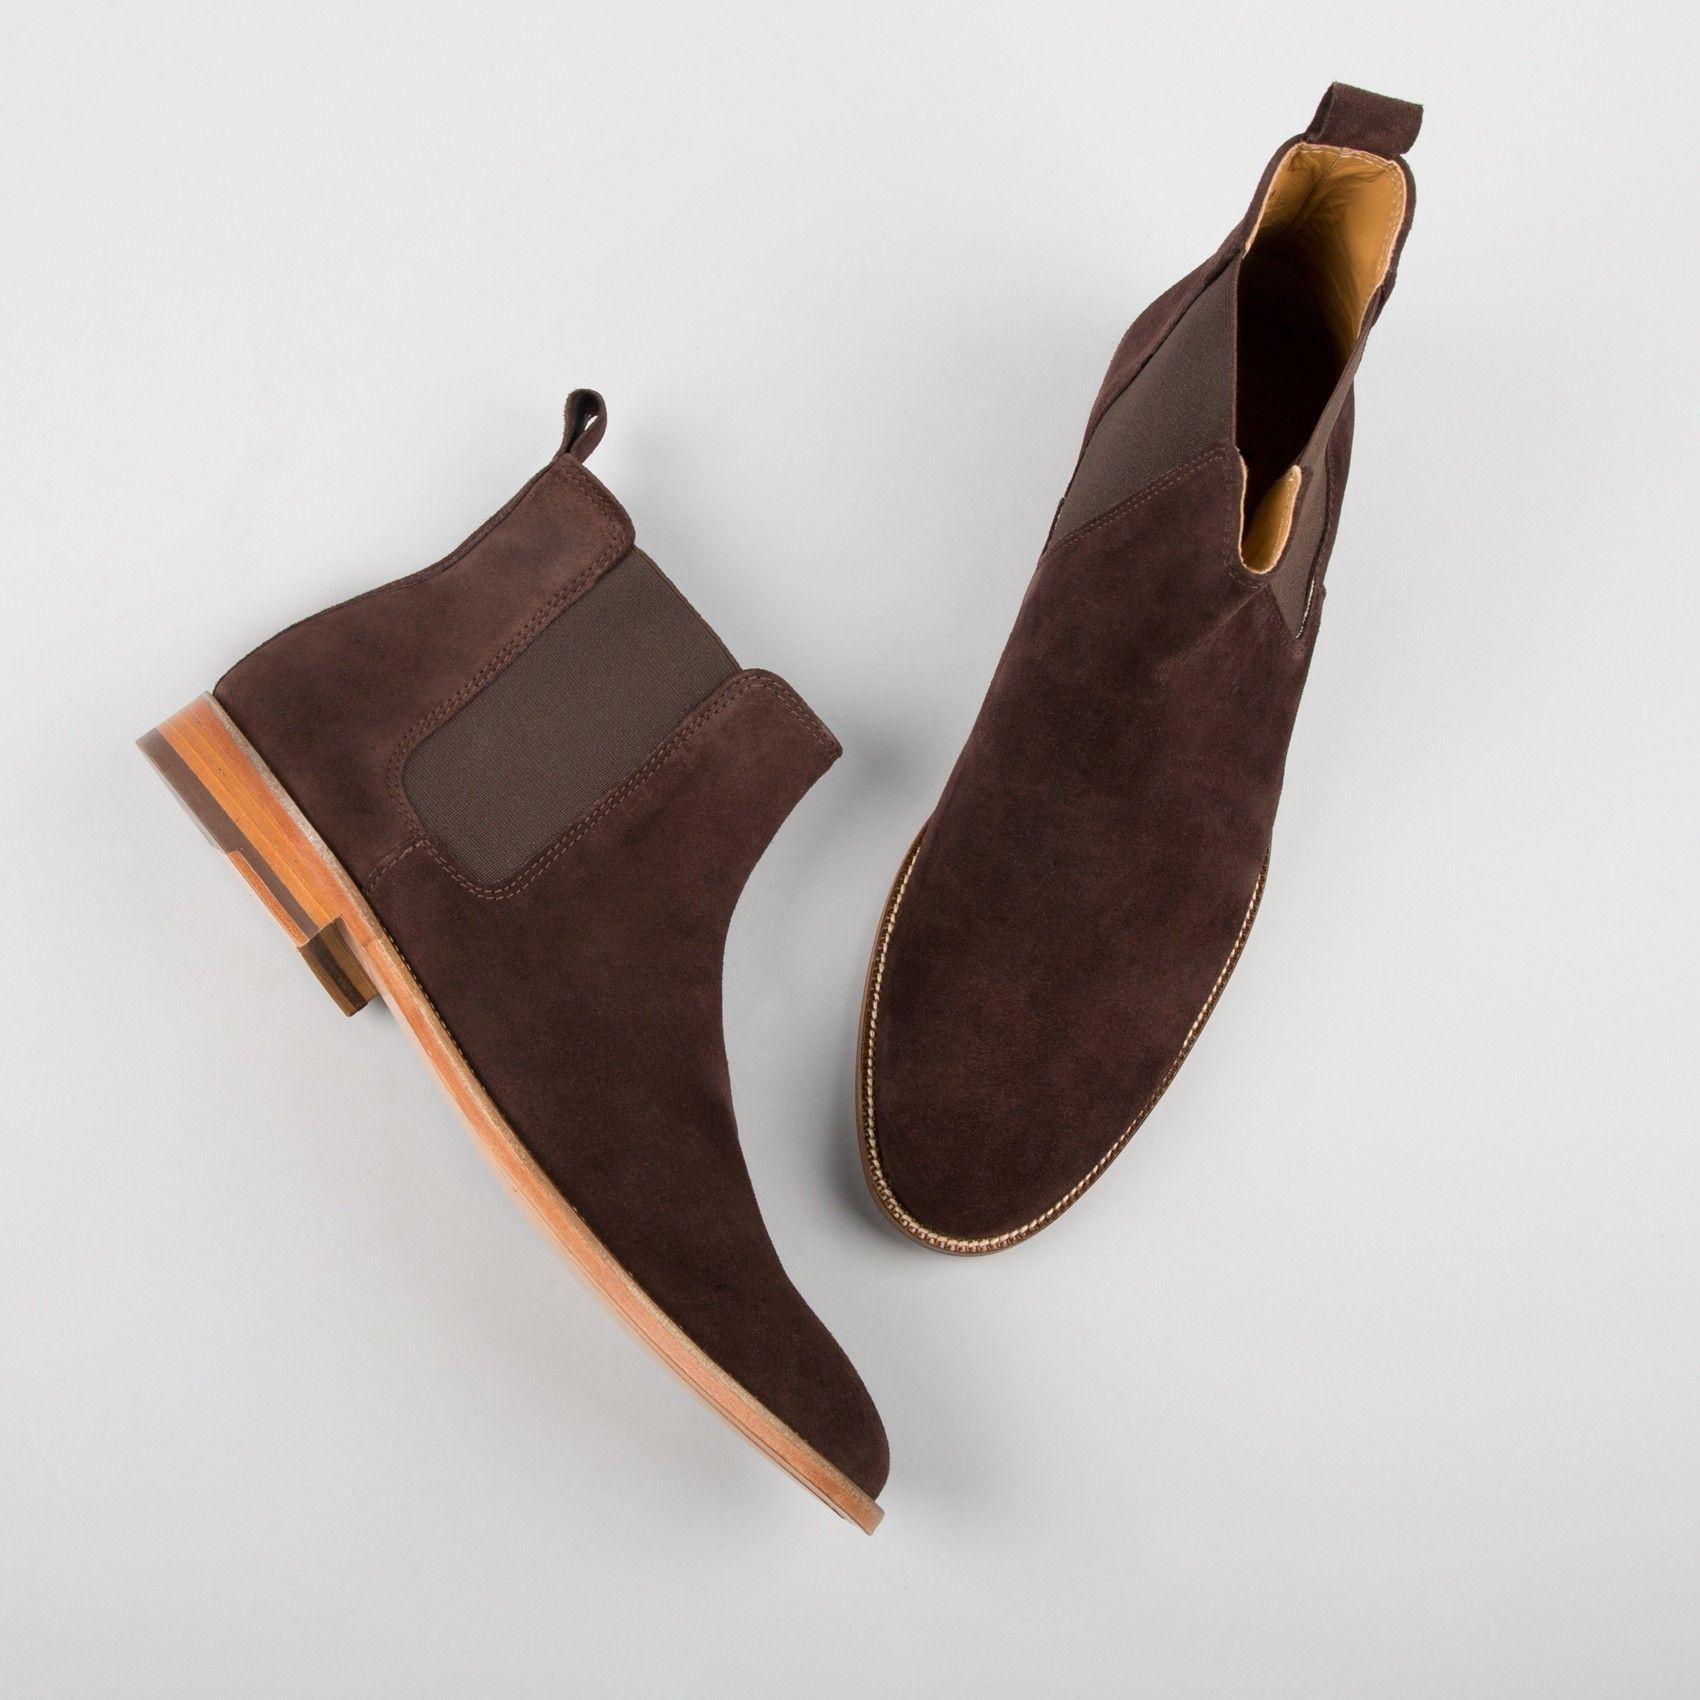 chelsea boots marron chocolat l 39 horloger bobbies. Black Bedroom Furniture Sets. Home Design Ideas